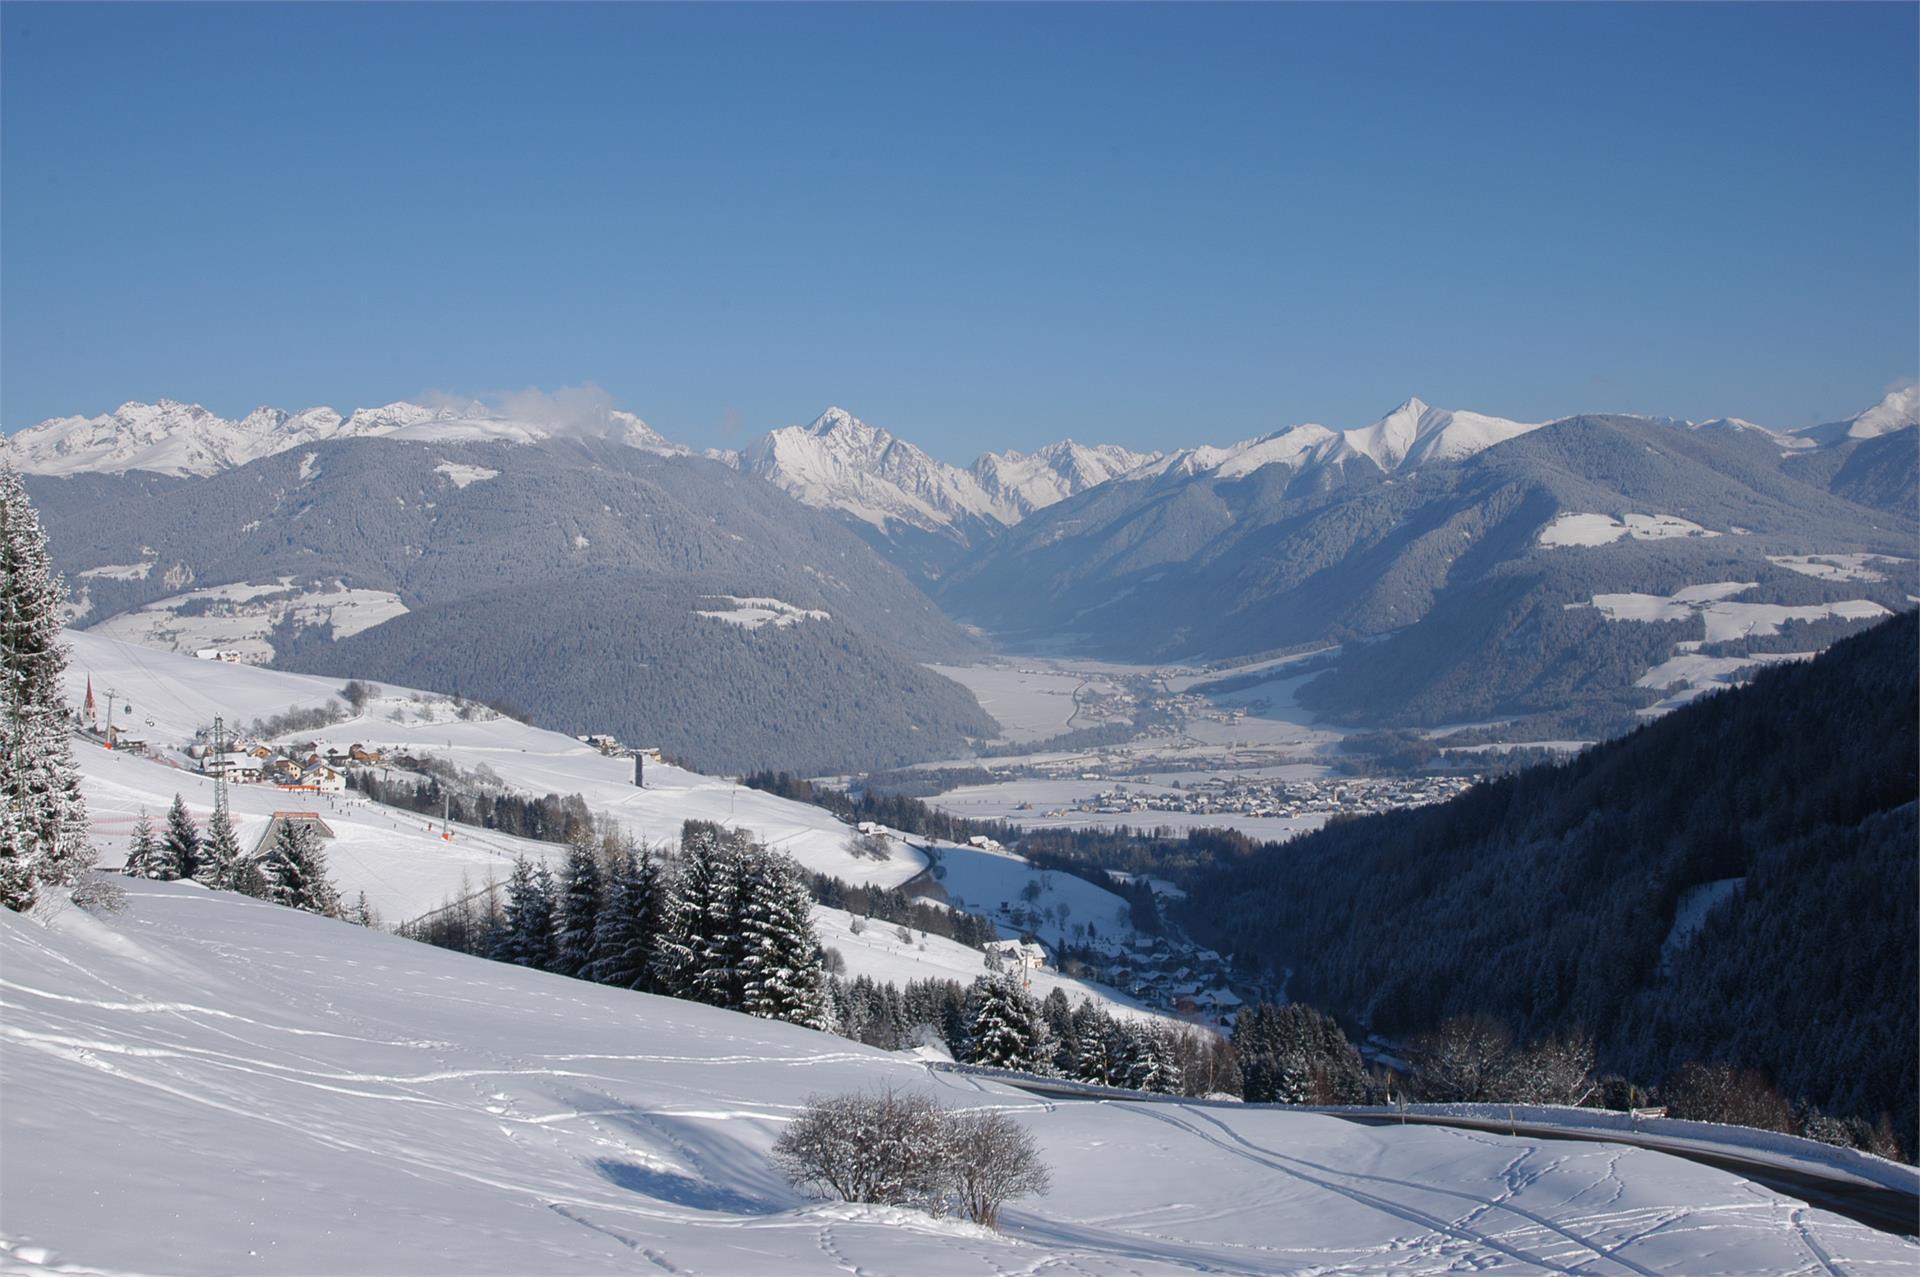 Passeggiata invernale Hotel Hubertus - Rifugio Festner